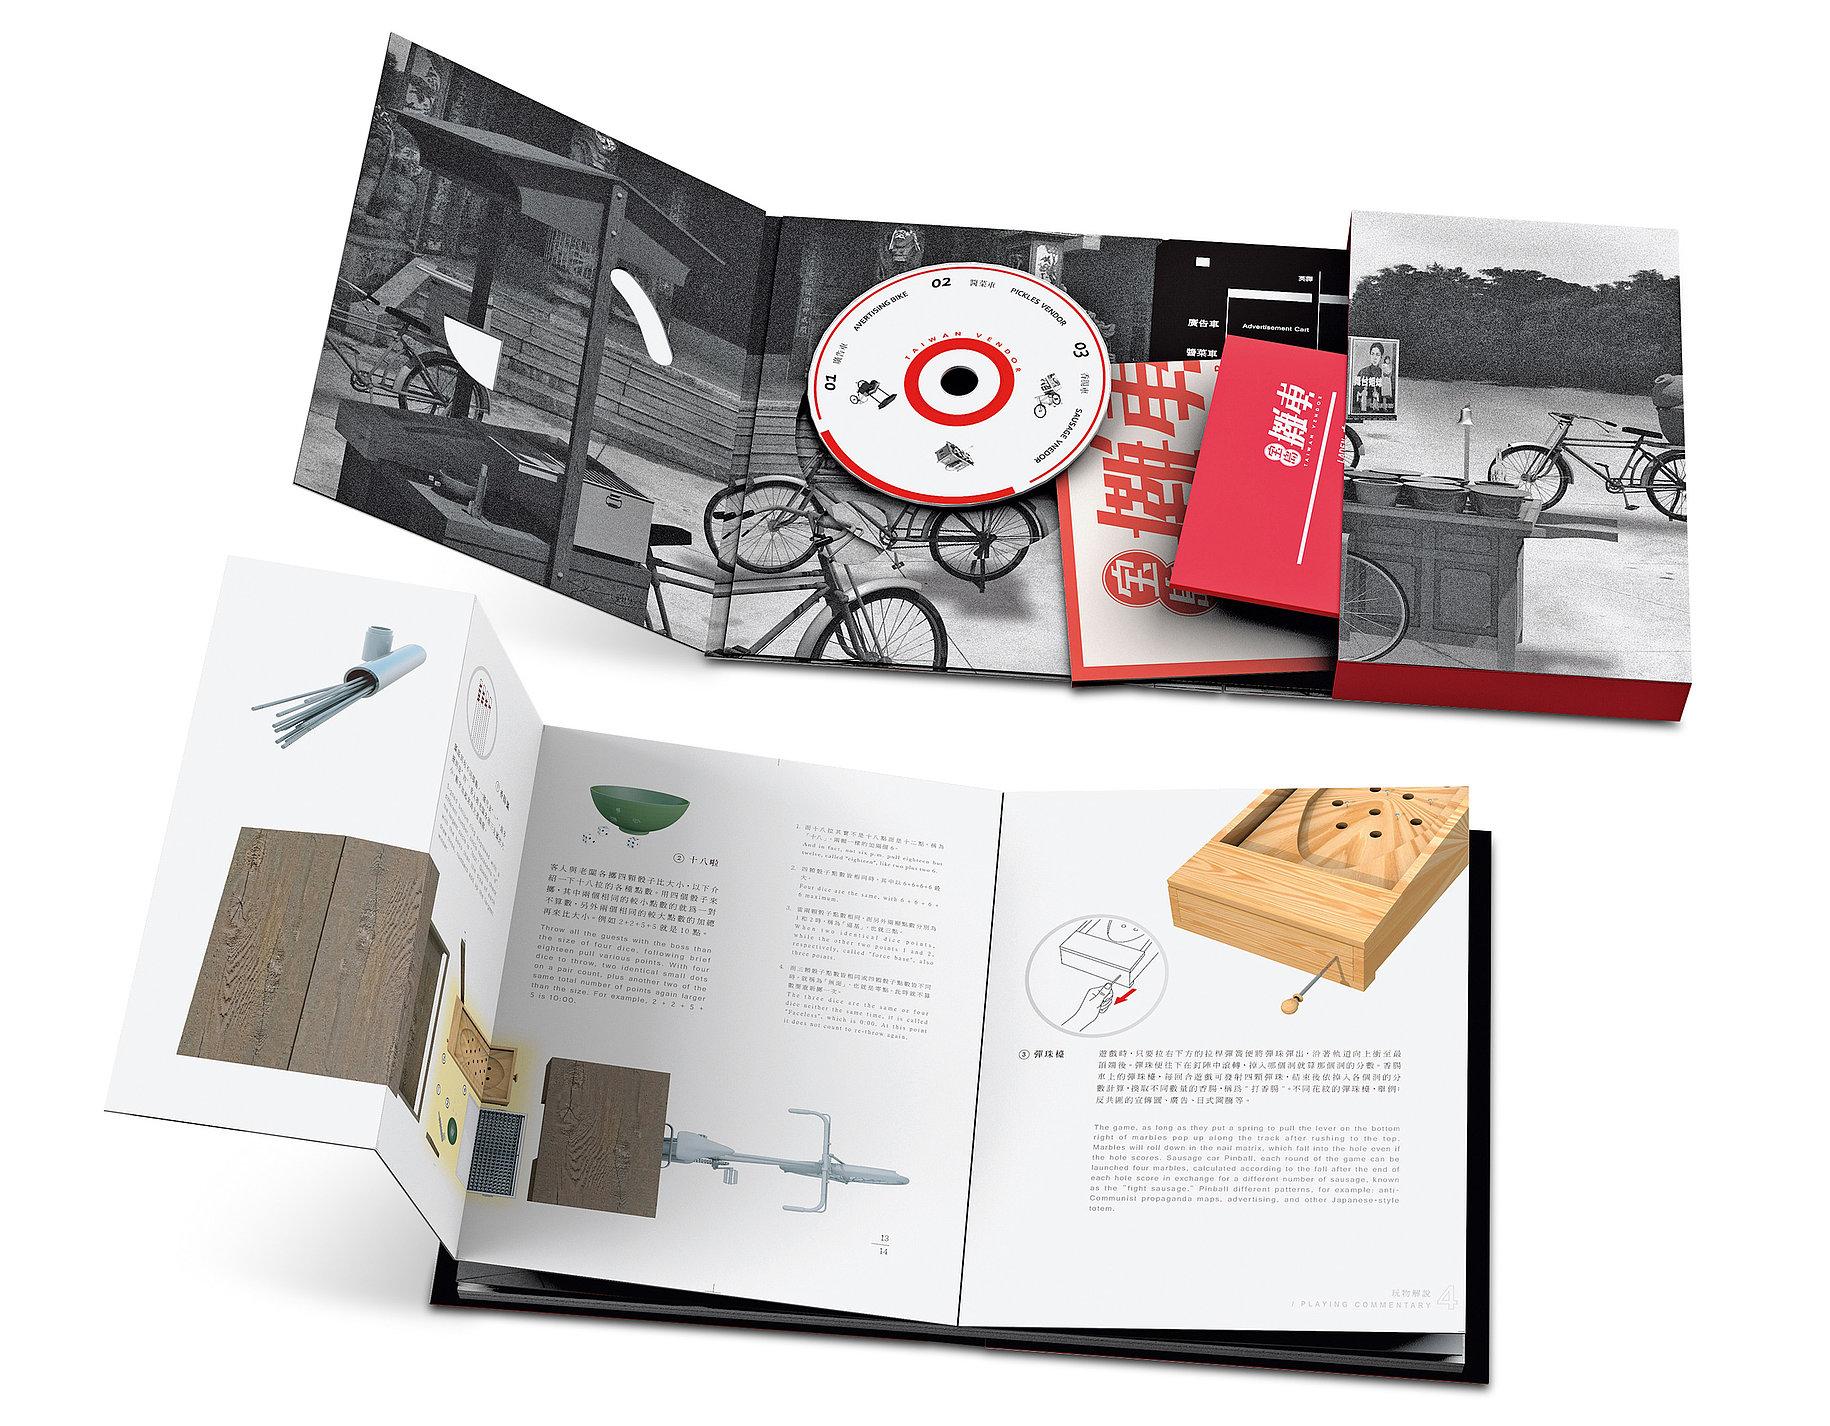 Taiwan Vendor | Red Dot Design Award